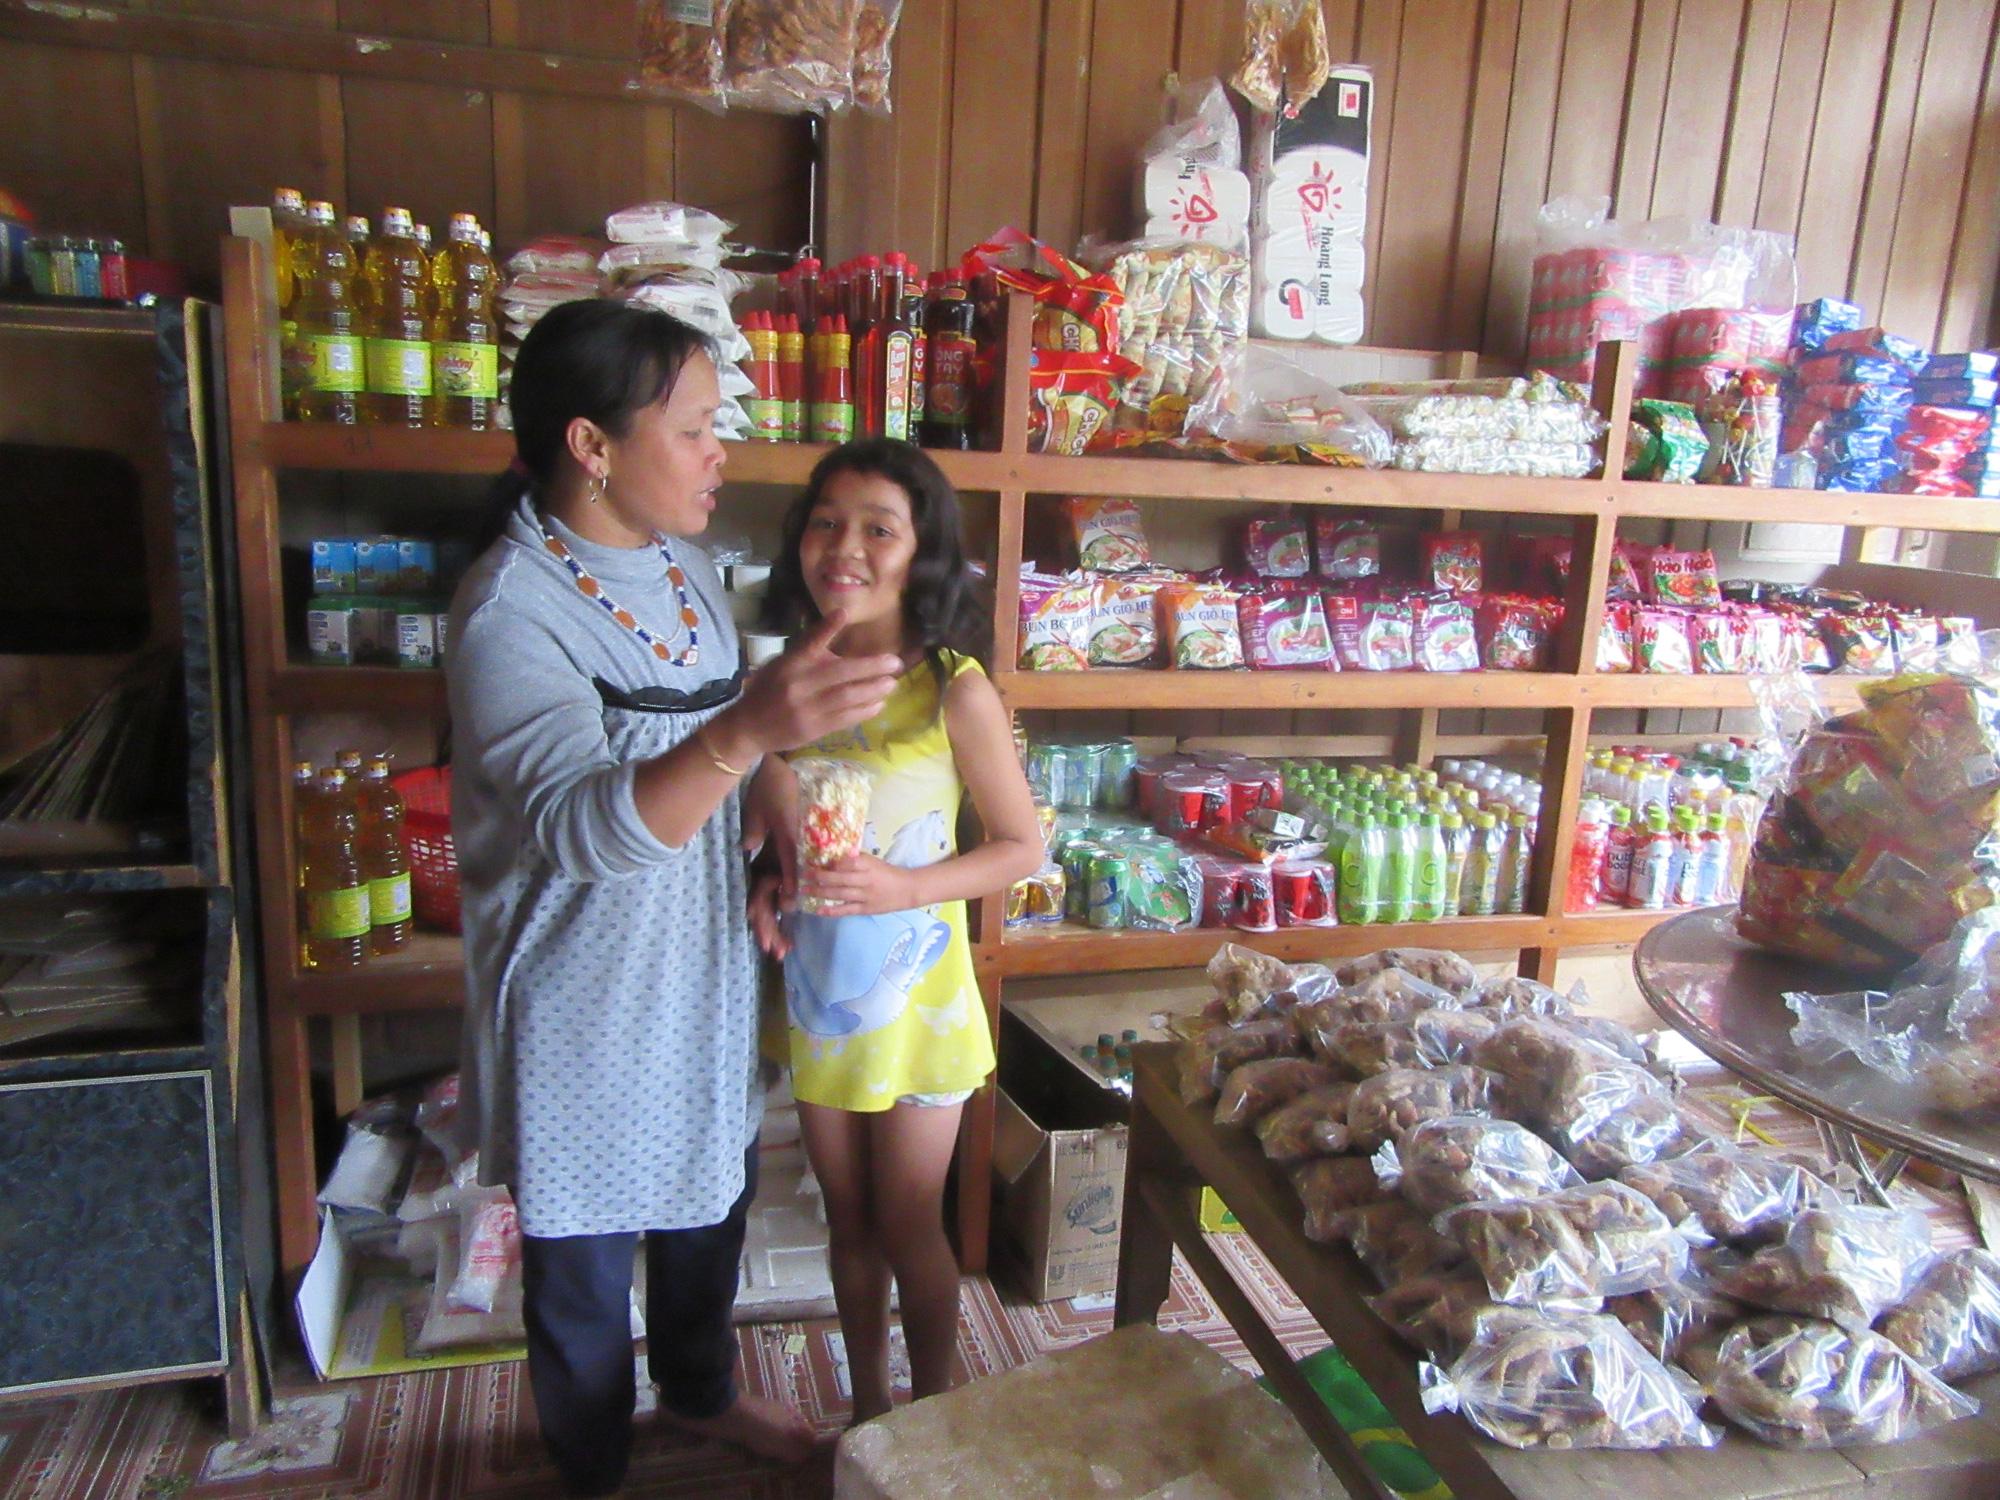 Quảng Nam: Thoát nghèo bền vững, từng bước vươn lên làm giàu nhờ mô hình kinh tế tổng hợp - Ảnh 2.